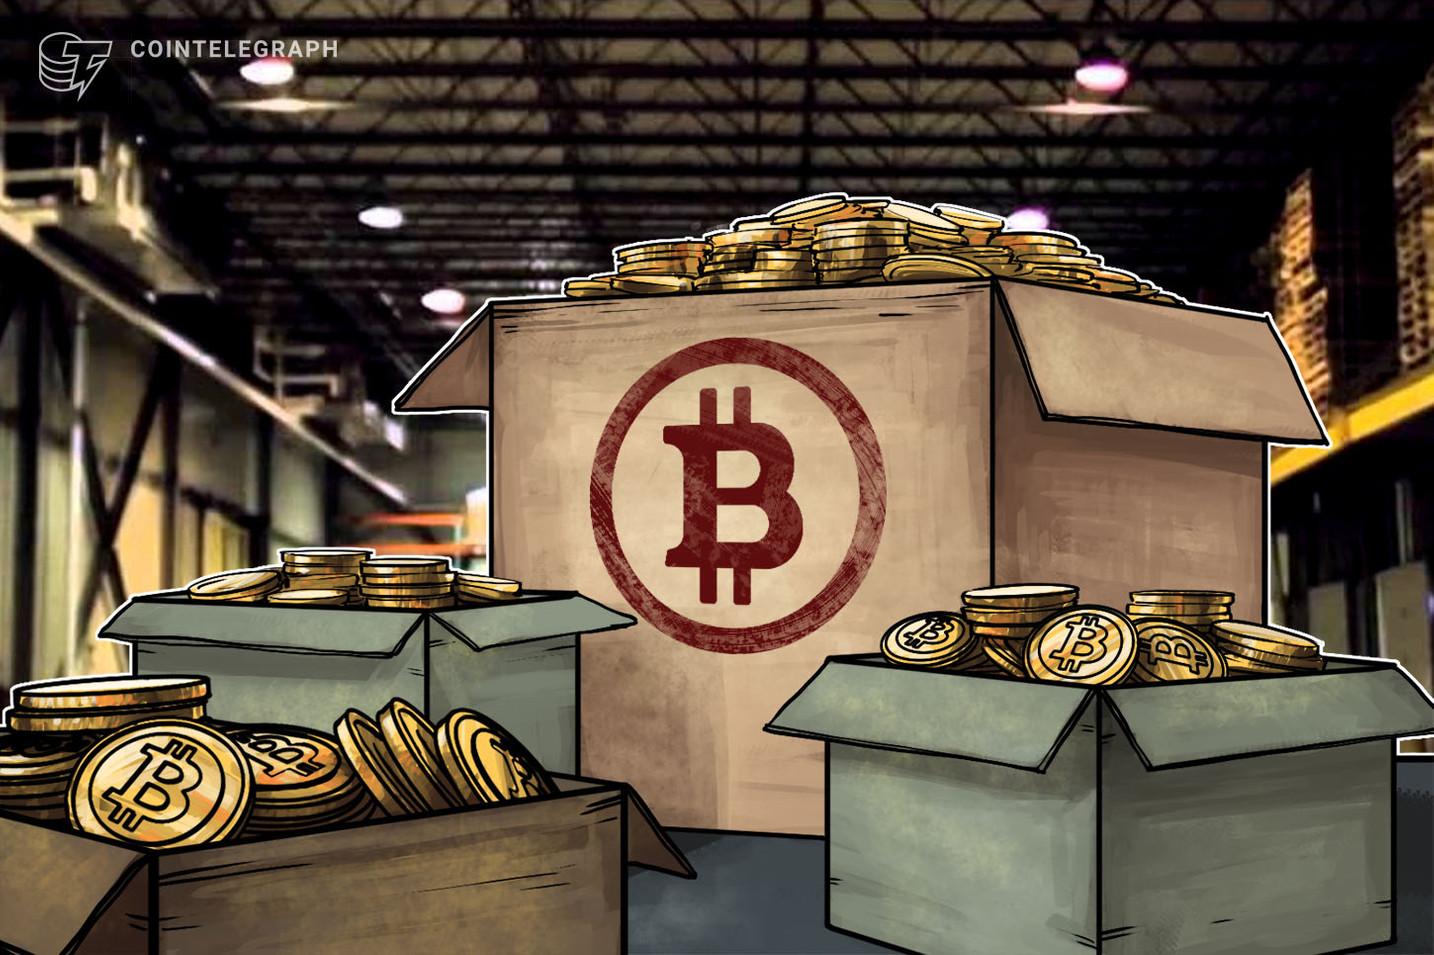 Grandi hodler accumulano Bitcoin: transazioni da oltre 1 milione di dollari raddoppiate in un anno